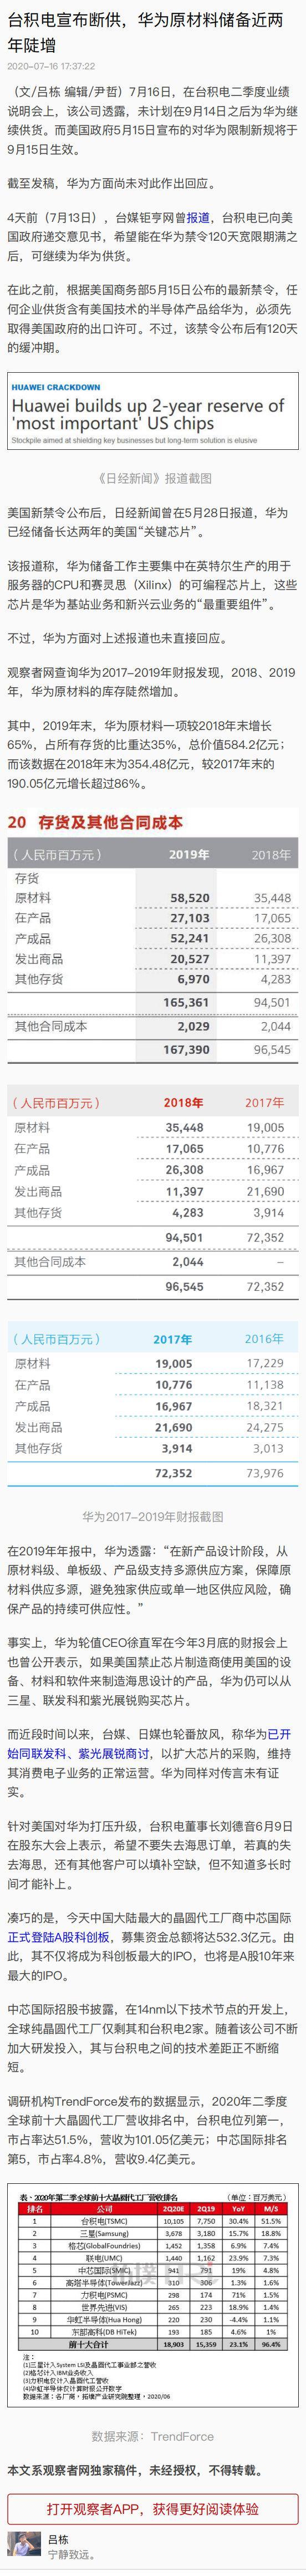 台积电宣布断供,华为原材料储备近两年陡增 7月16日……